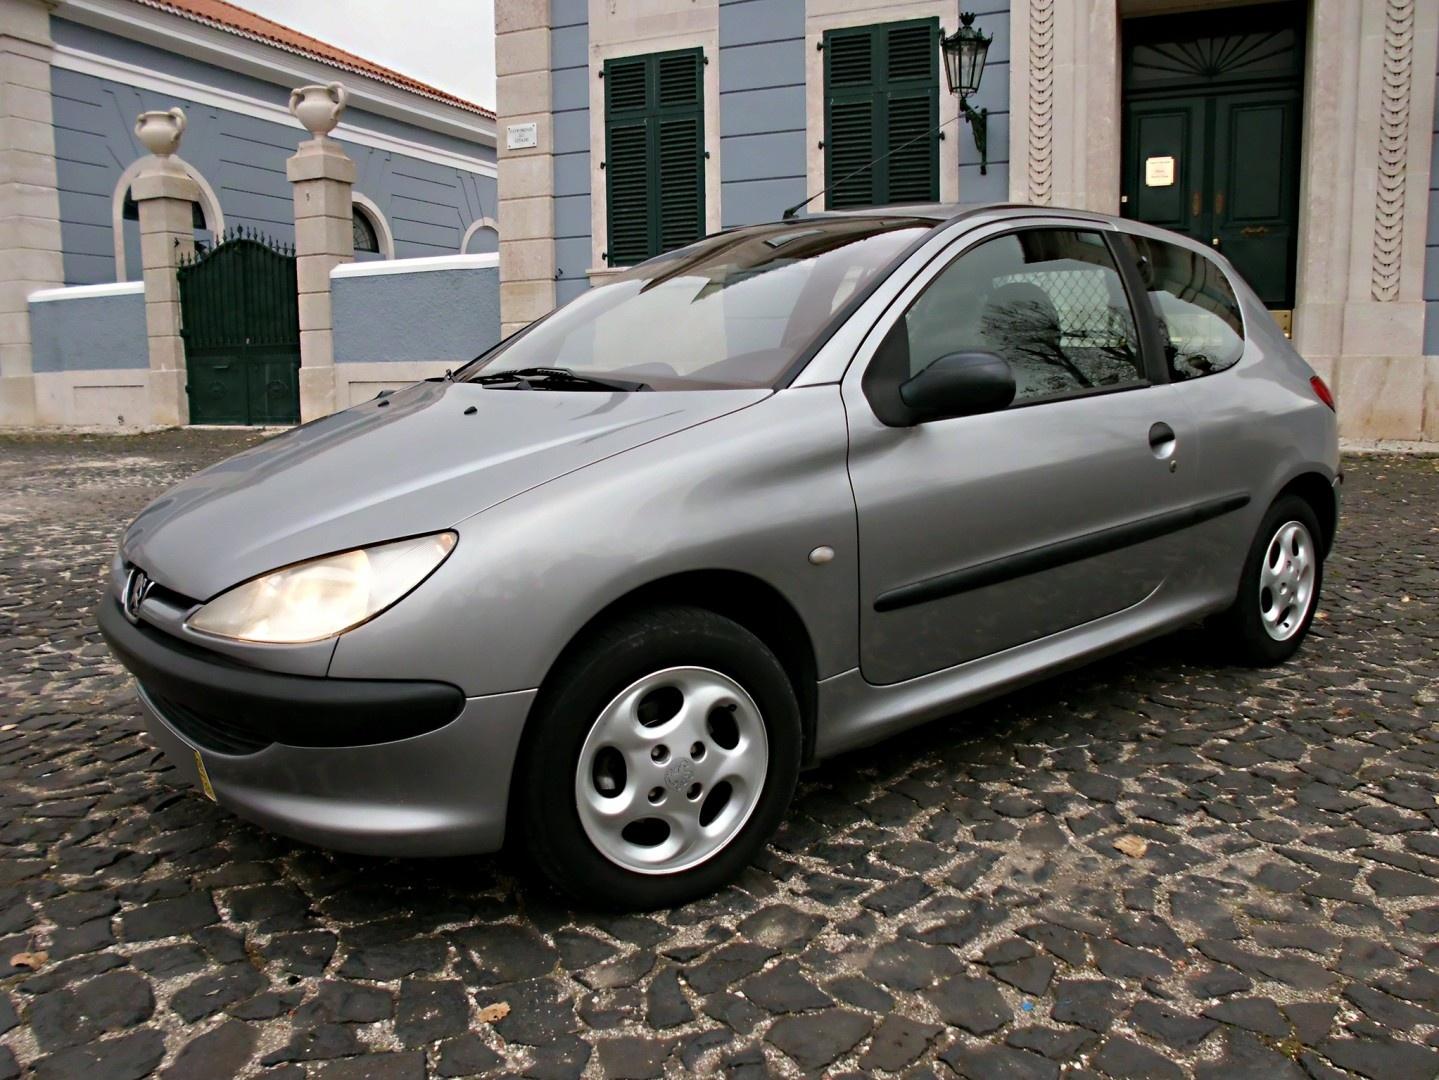 Peugeot 206 1.4 HDi XA